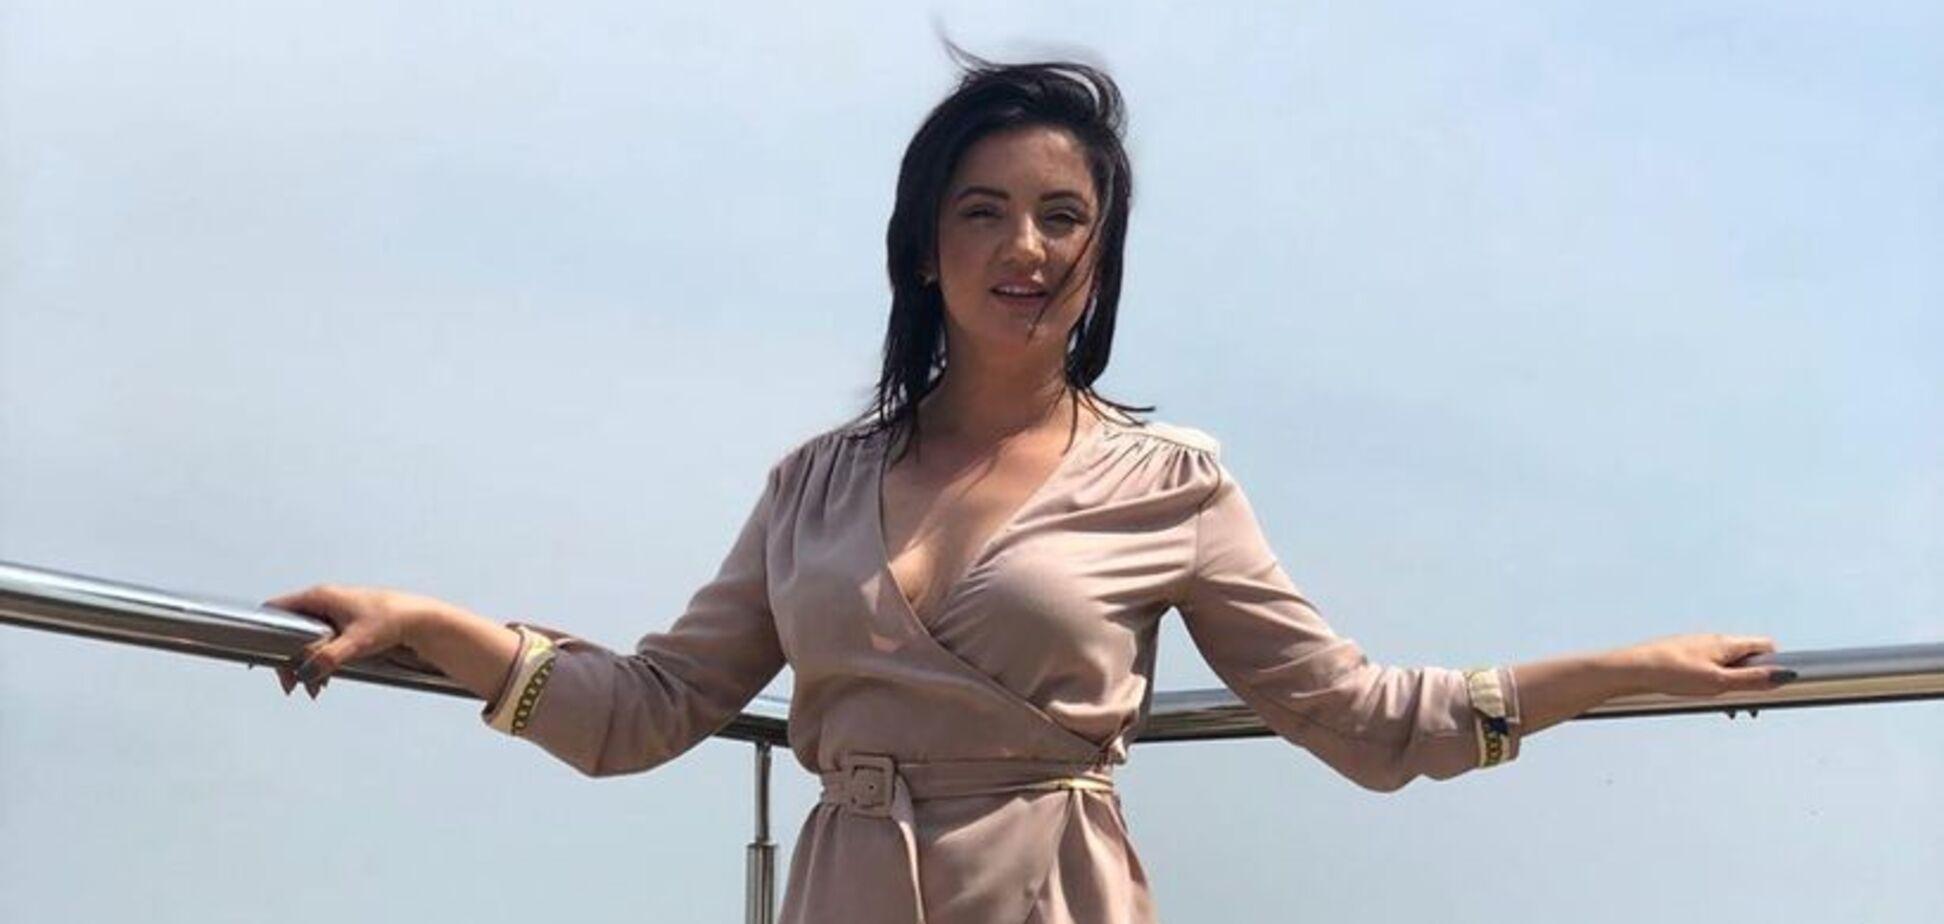 Украинская певица сверкнула грудью в откровенном наряде: фанаты в восторге